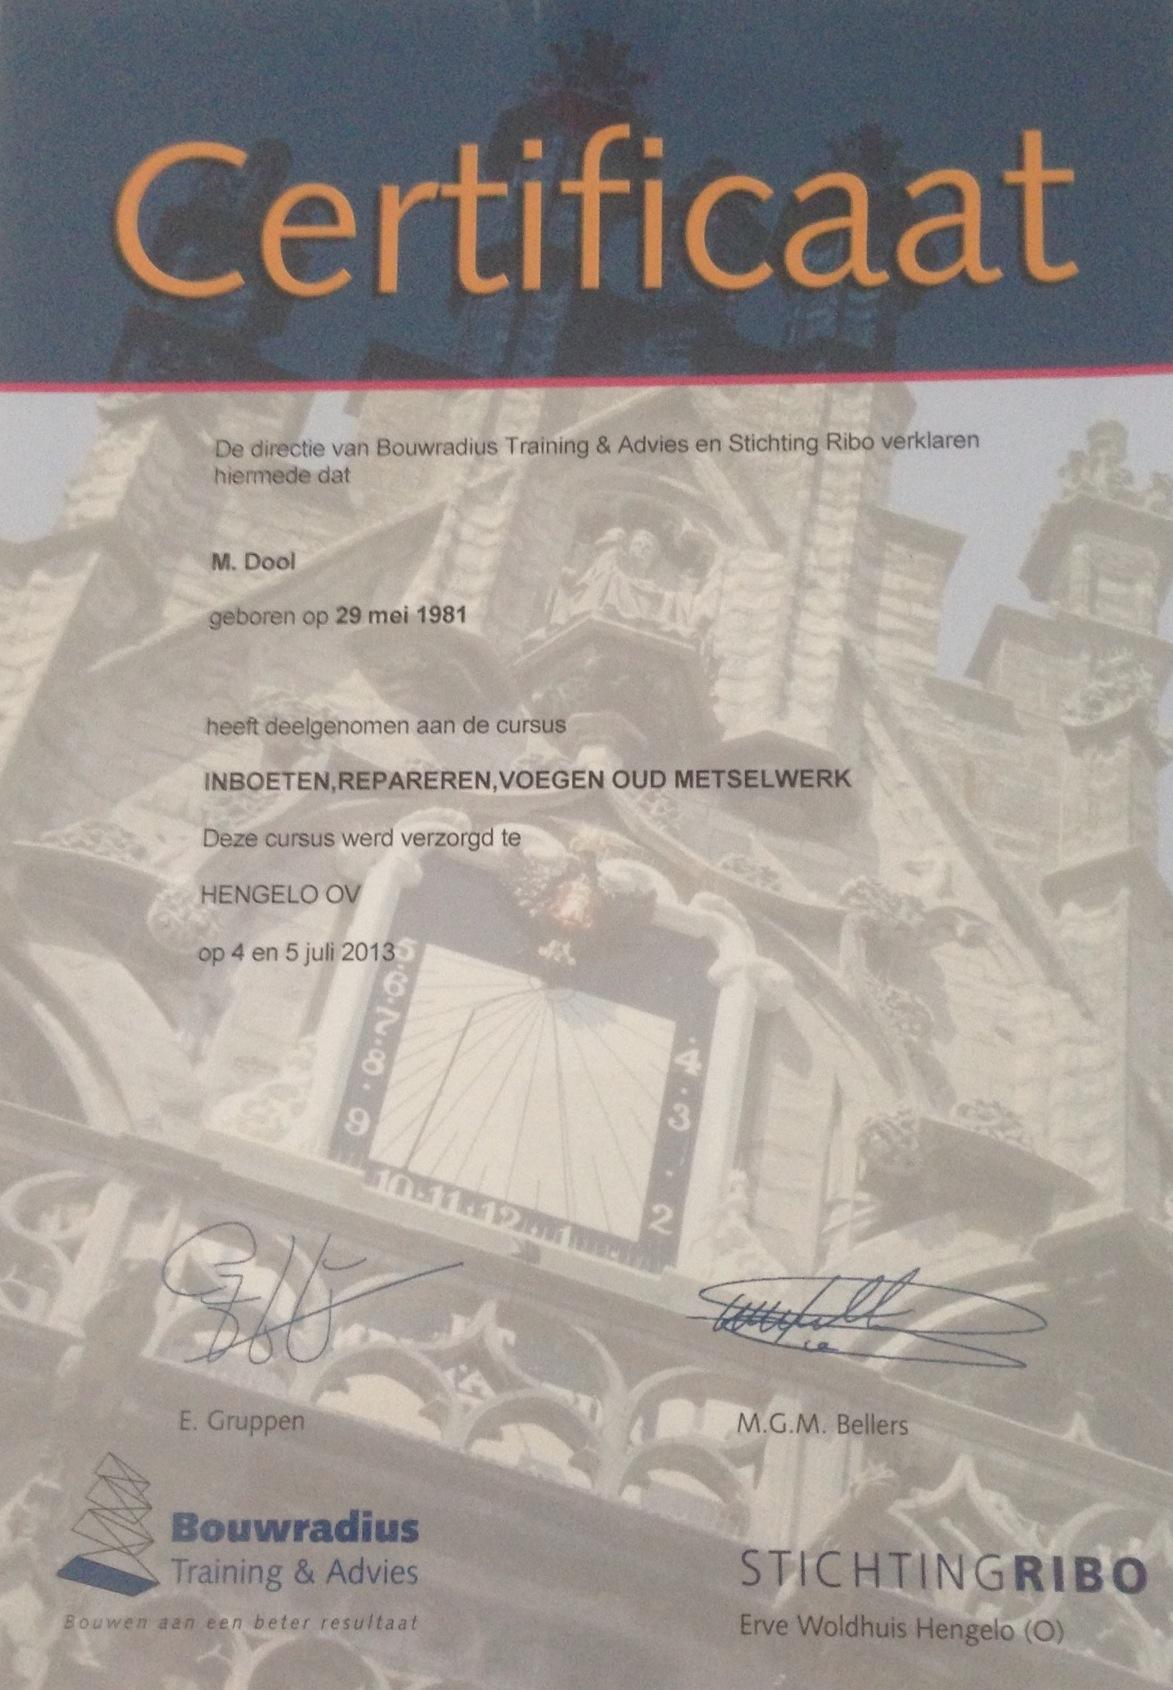 voegbedrijf-marvin_certificaat_RIBO_inboeten-repareren-voegen-metselwerk